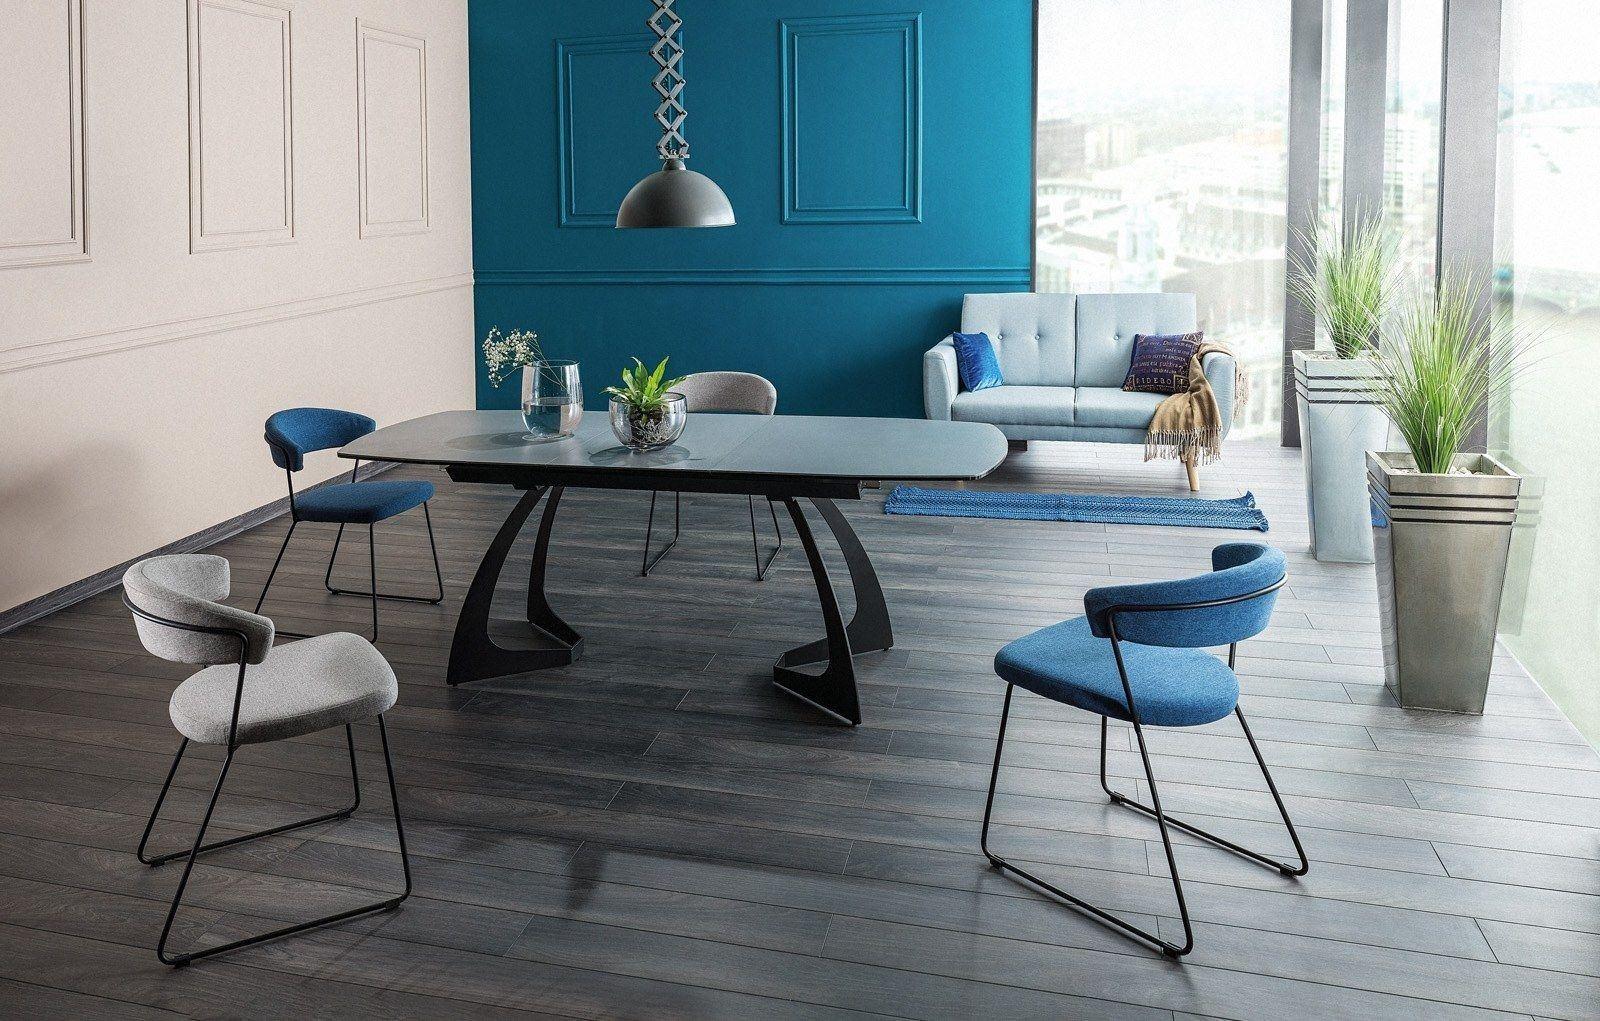 Esstisch Martinez modern mit edlen Metallfüßen und Keramik Tischplatte in anthrazit